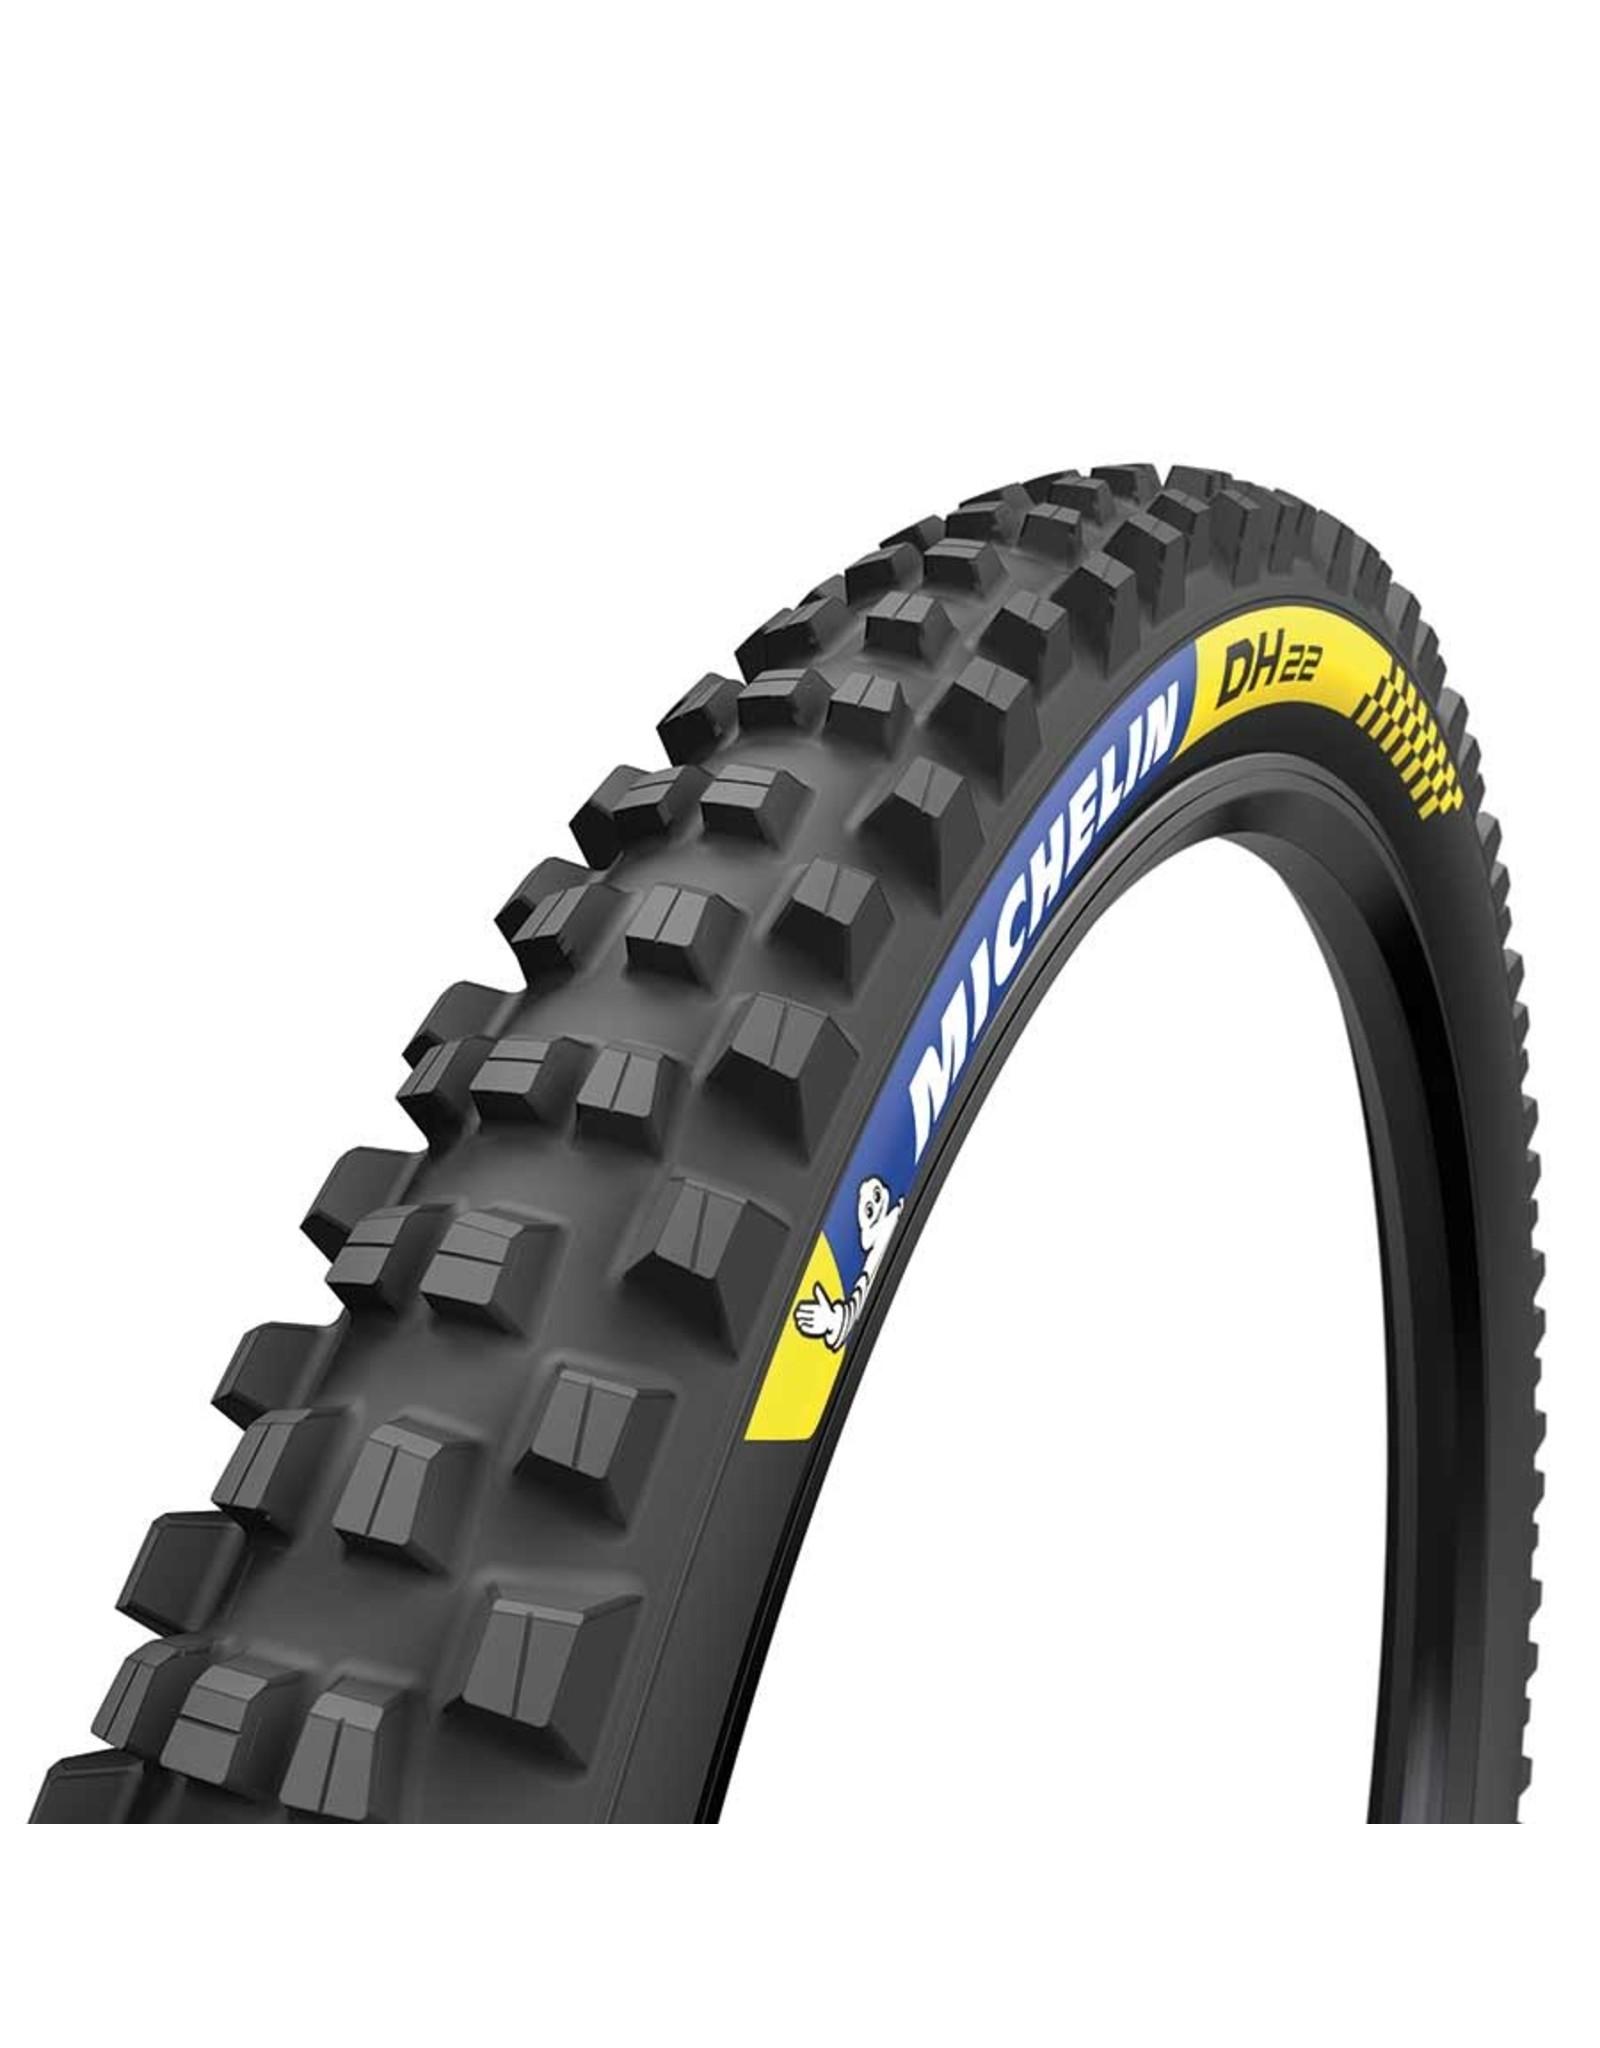 Michelin Michelin, DH22, Tire, 29''x2.40, Wire, Tubeless Ready, MAGI-X, Downhill Shield, 2x55TPI, Black